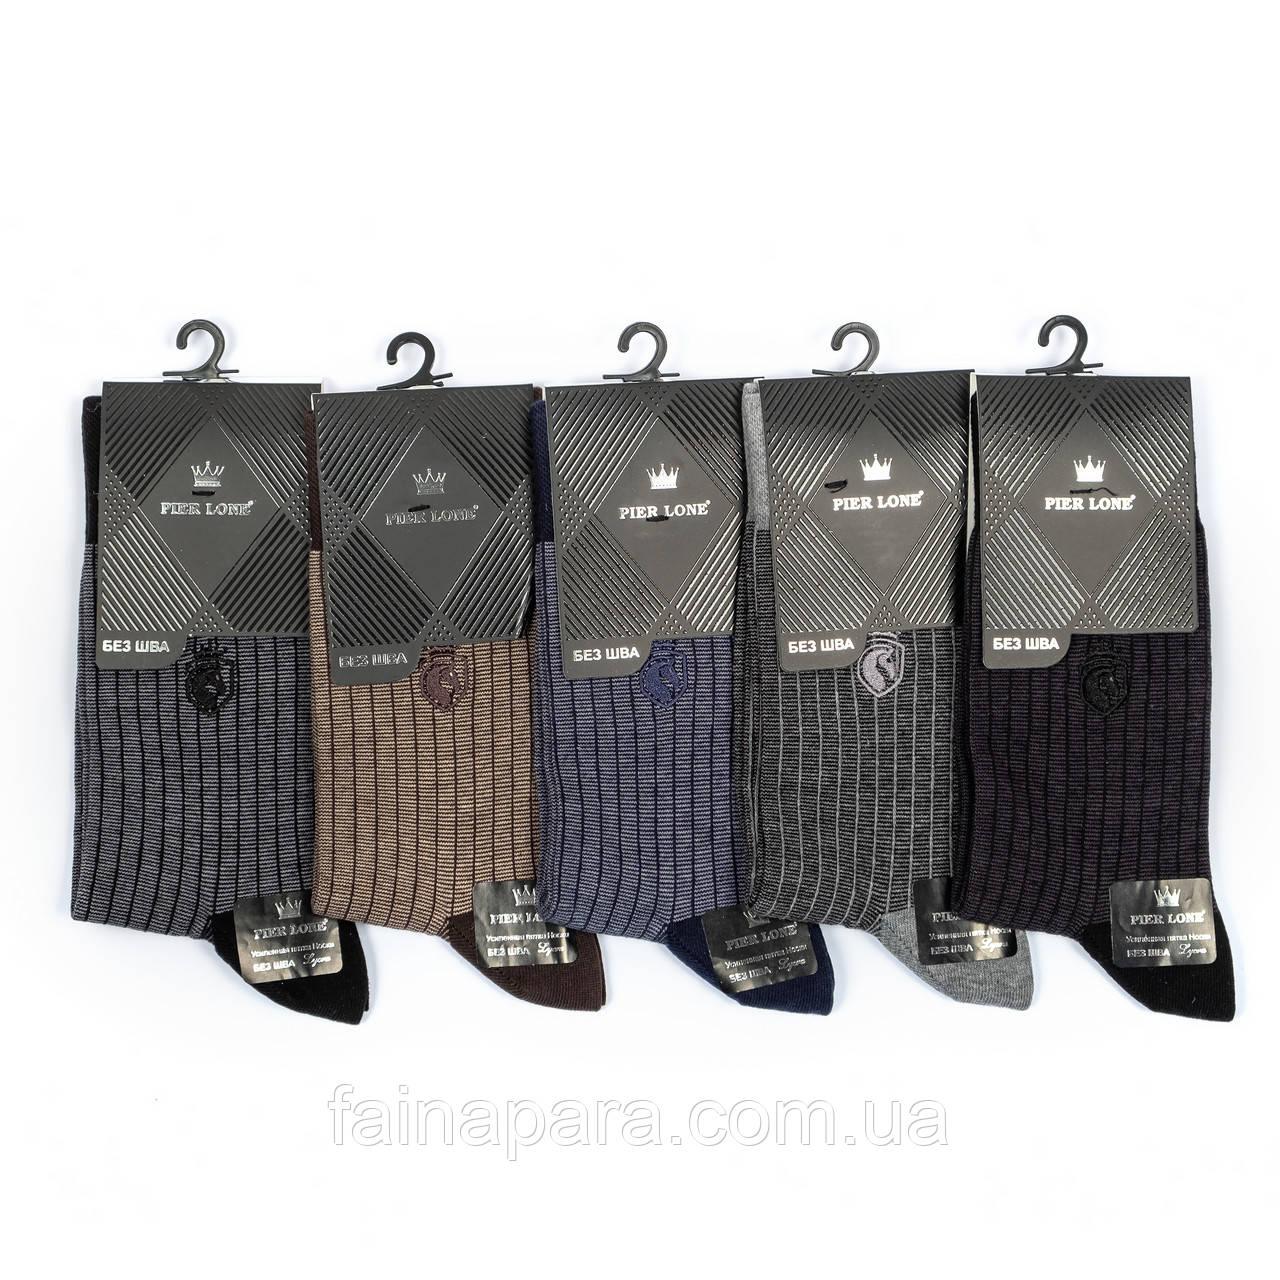 Бесшовные мужские демисезонные носки Pier Lone Турция